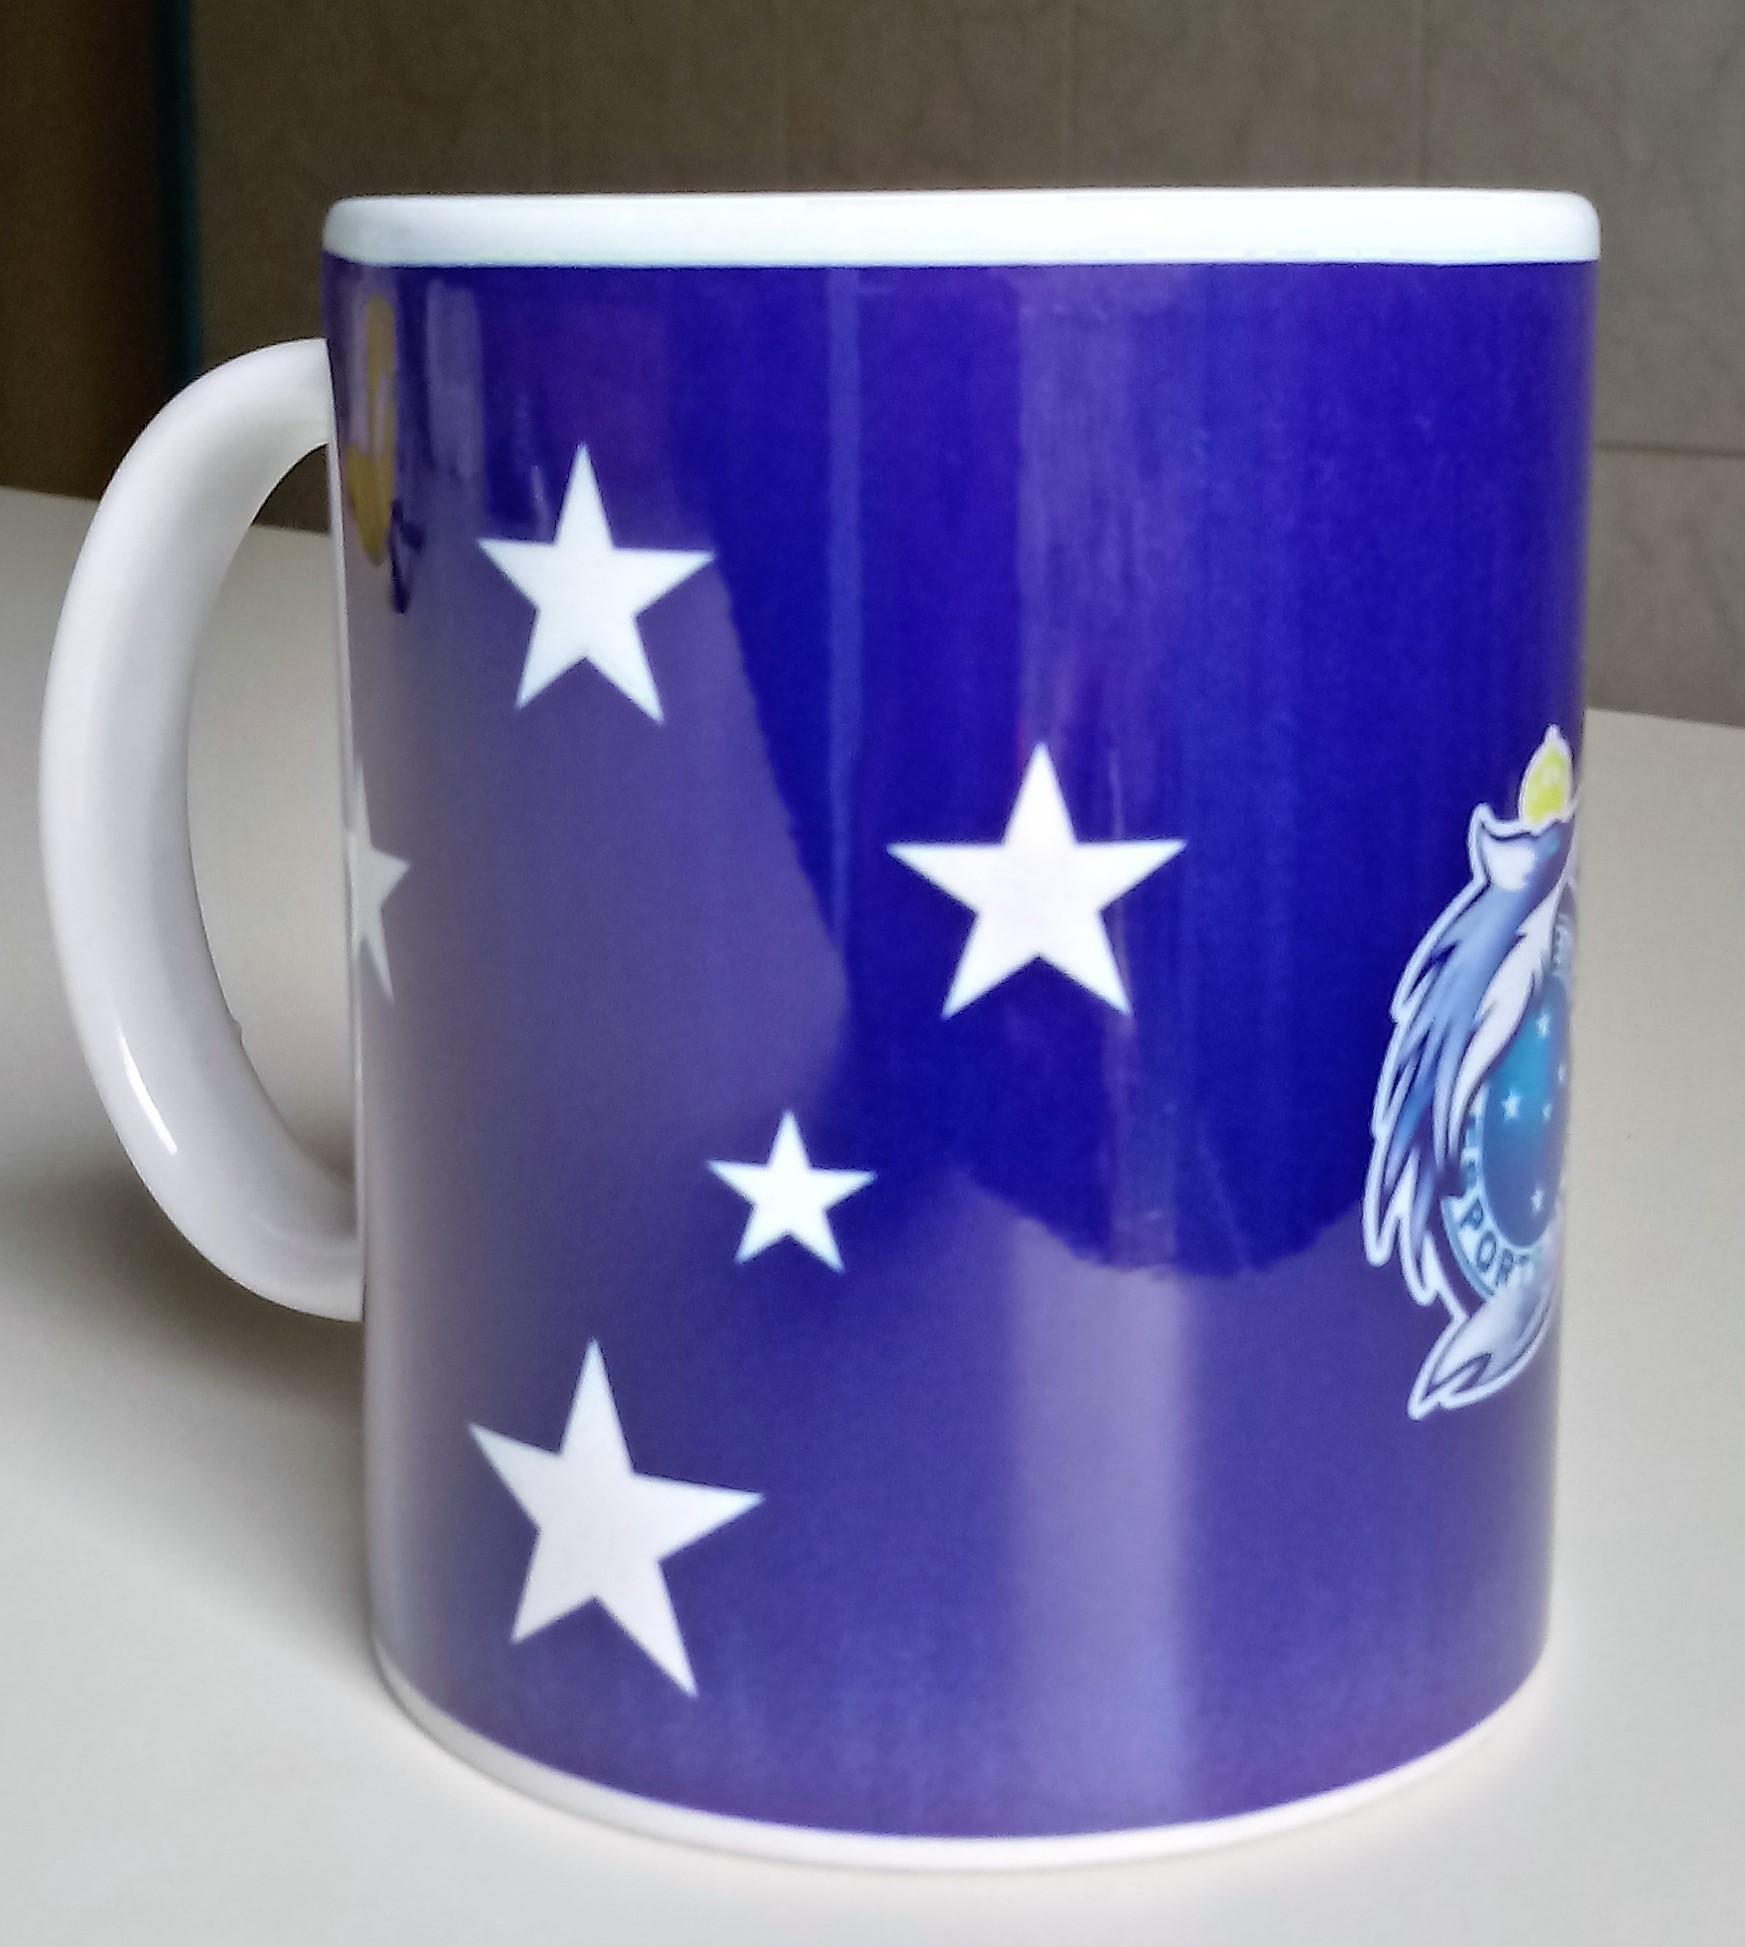 Caneca de Porcelana Time de Futebol Cruzeiro no Elo7  8c3d8e829014d